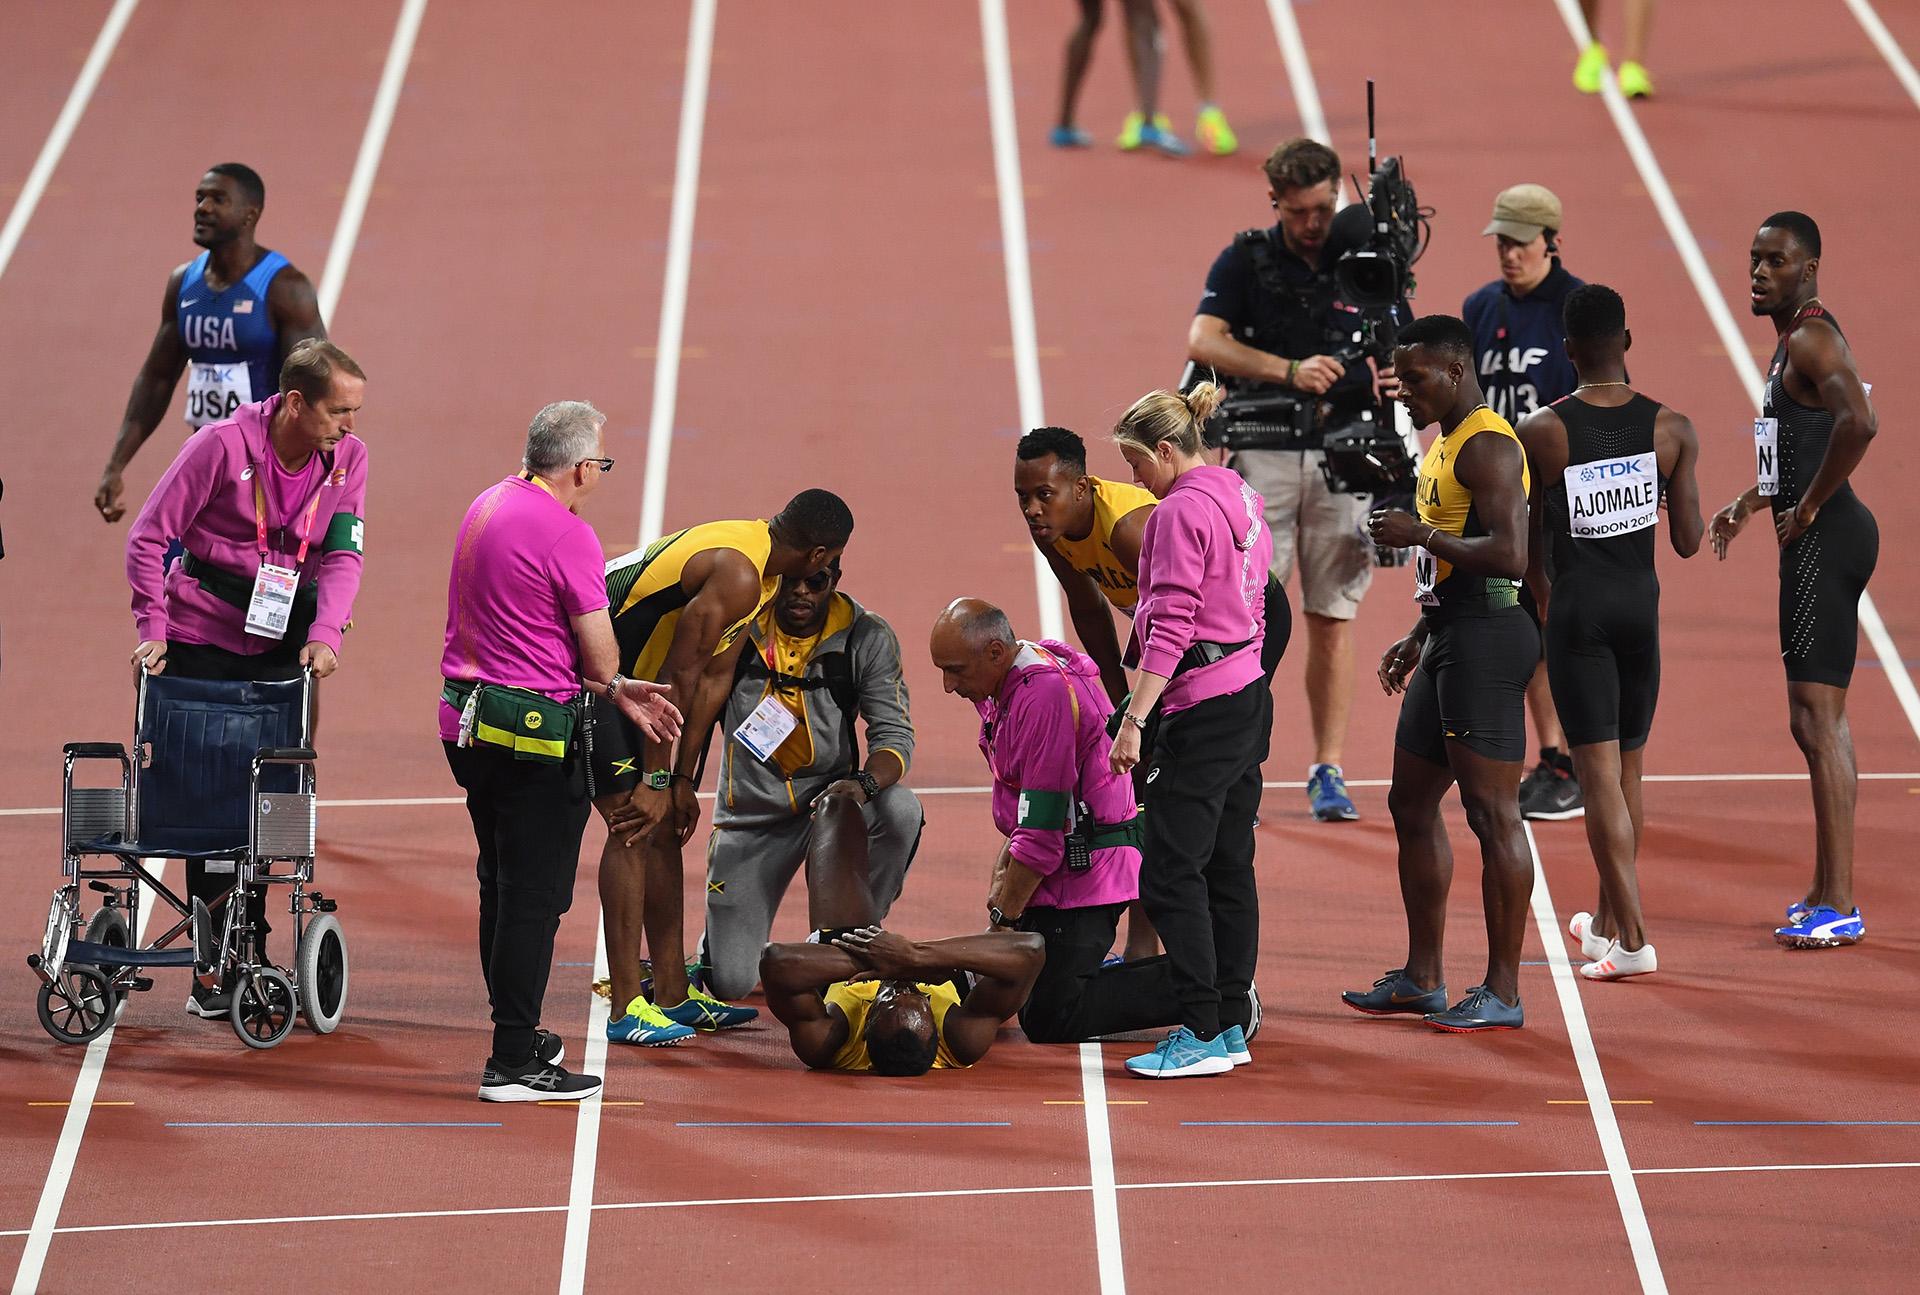 El equipo médico acude rápidamente para ayudar a Bolt